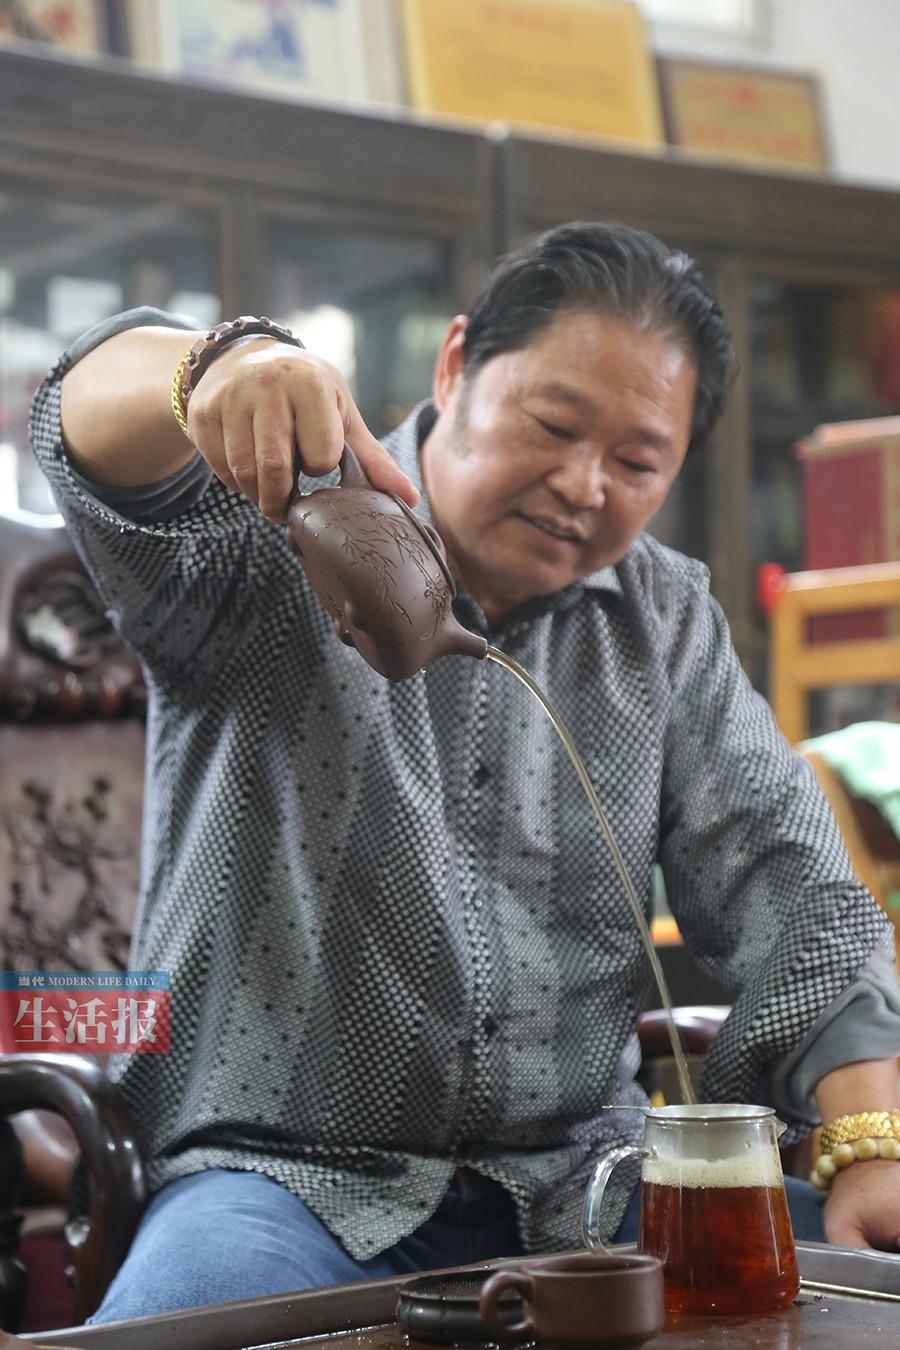 听紫砂壶藏家的玩壶之道 选好壶看款式工艺和泥料